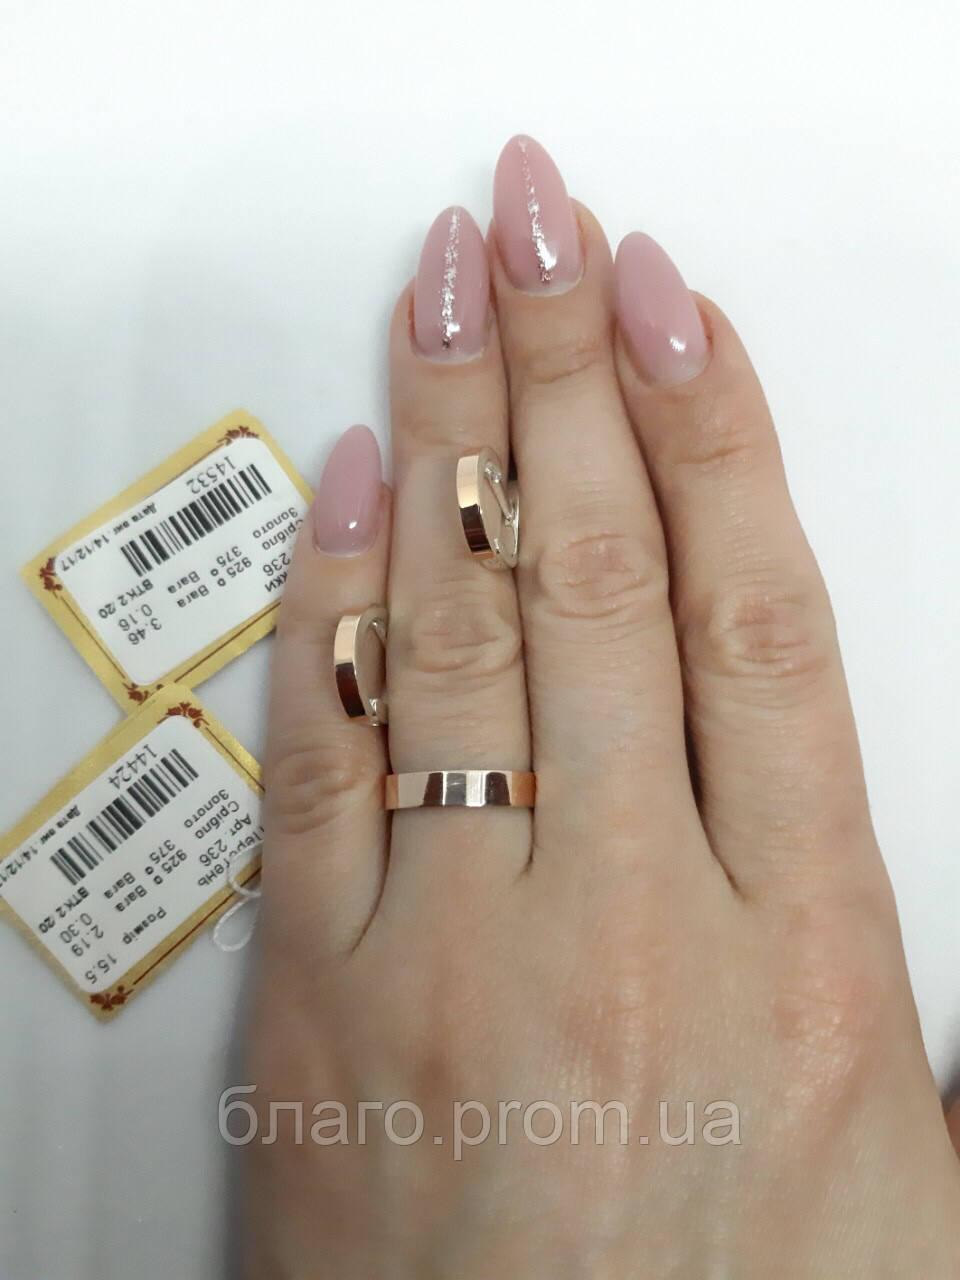 Серебряные комплекты с золотыми пластинами